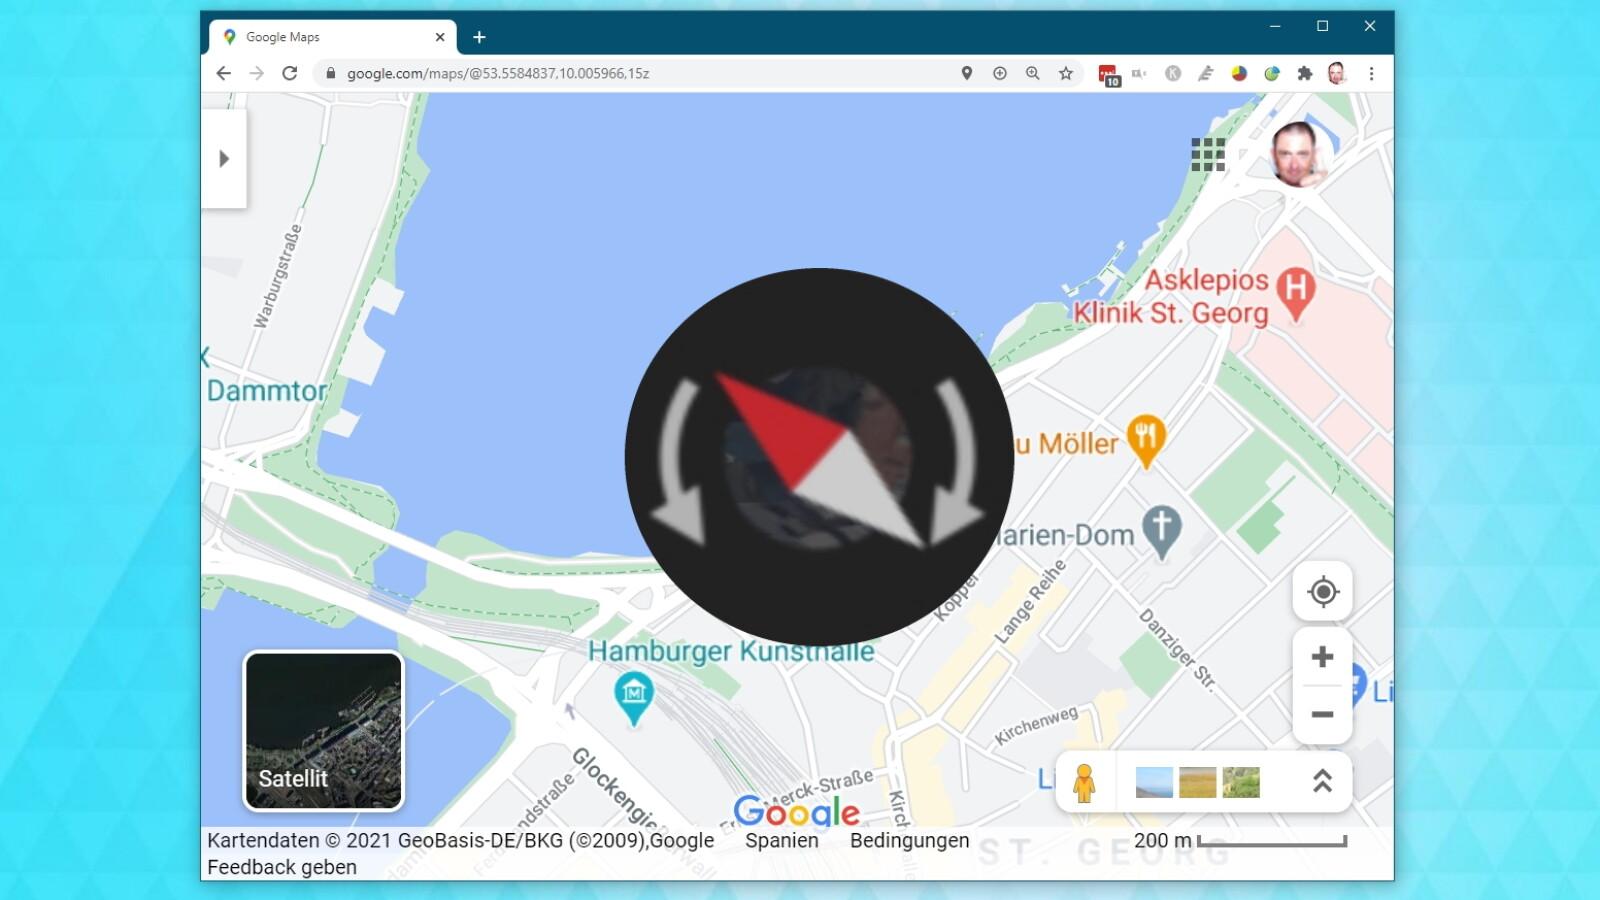 Himmelsrichtung Google Maps